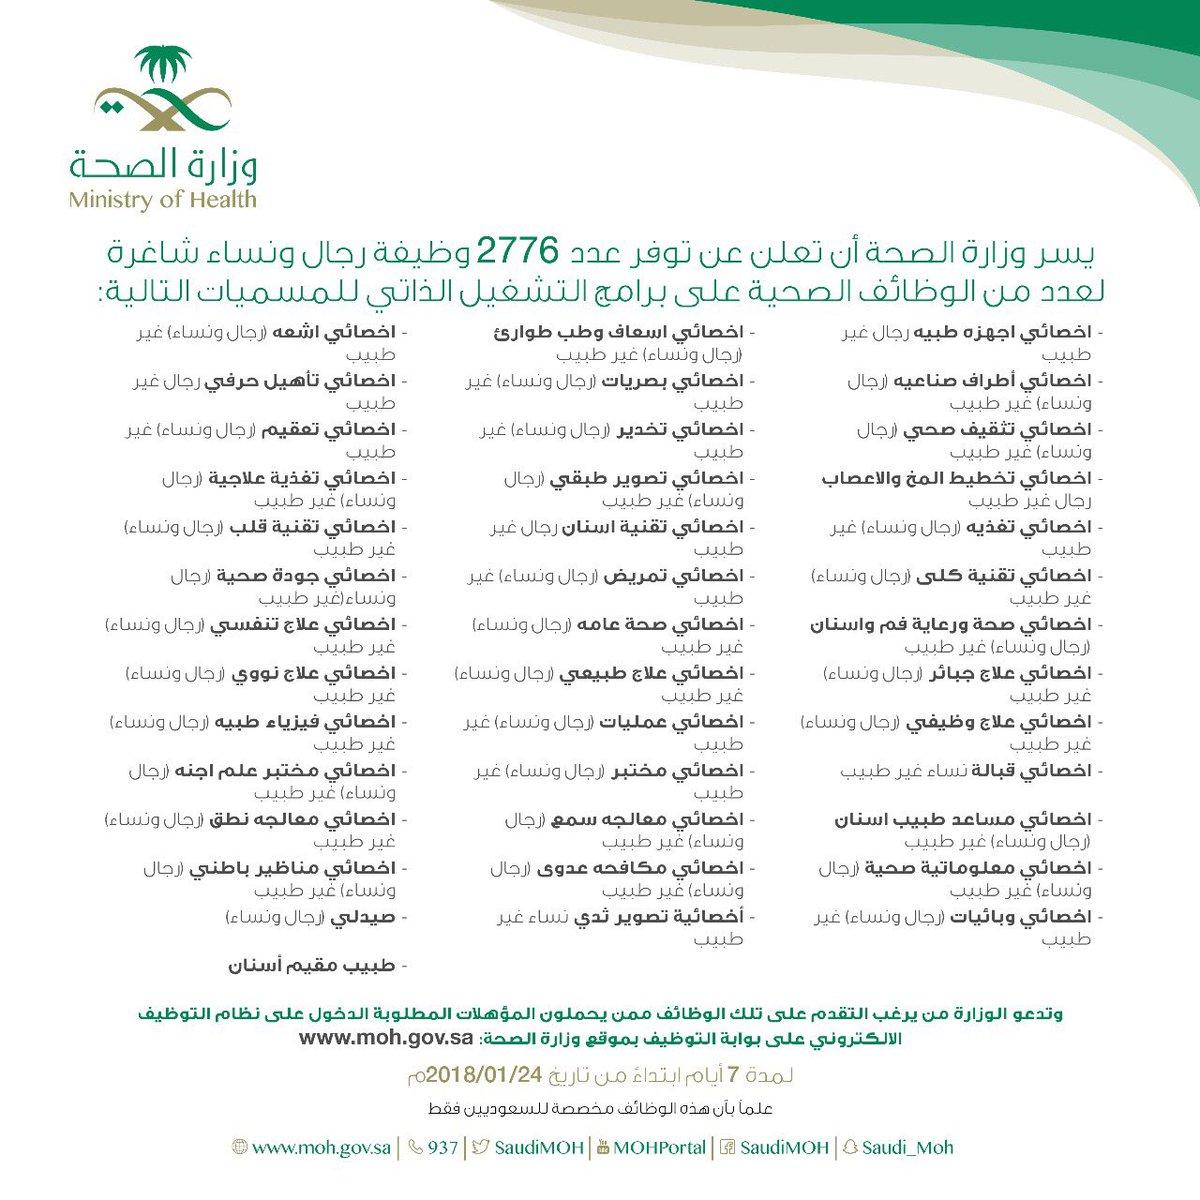 وزارة الصحة تعلن توفر (2776) DUP1M07WAAAo4J_.jpg